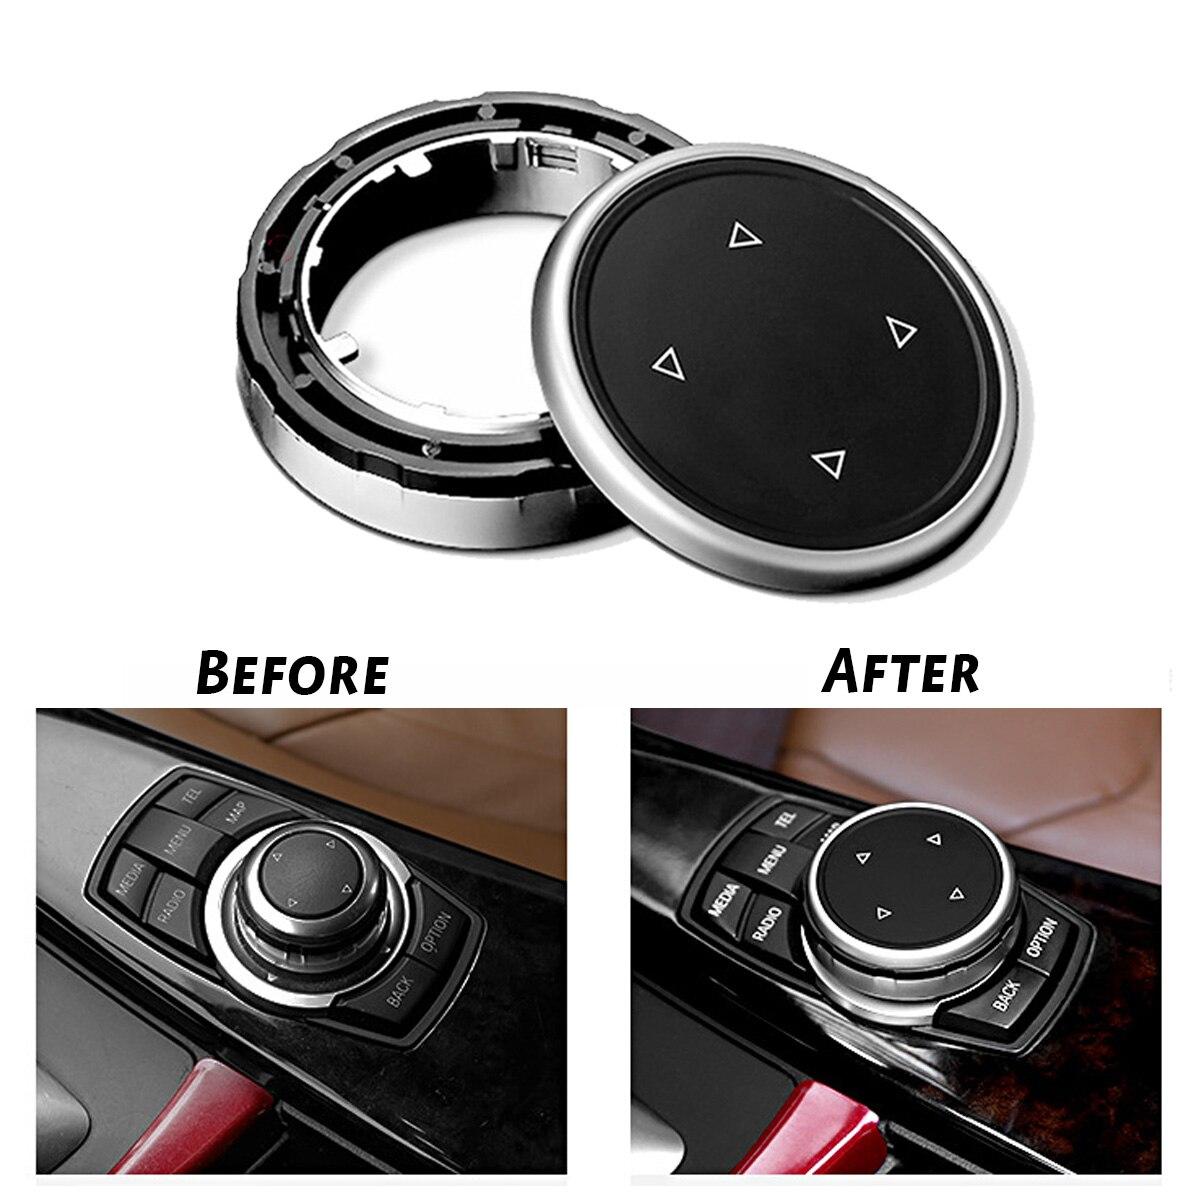 Para Multimídia Carro Botão Guarnição Tampa Maçaneta Etiqueta para BMW iDrive F10 F20 F30 3 5 Controlador da Série para NBT botão translúcido